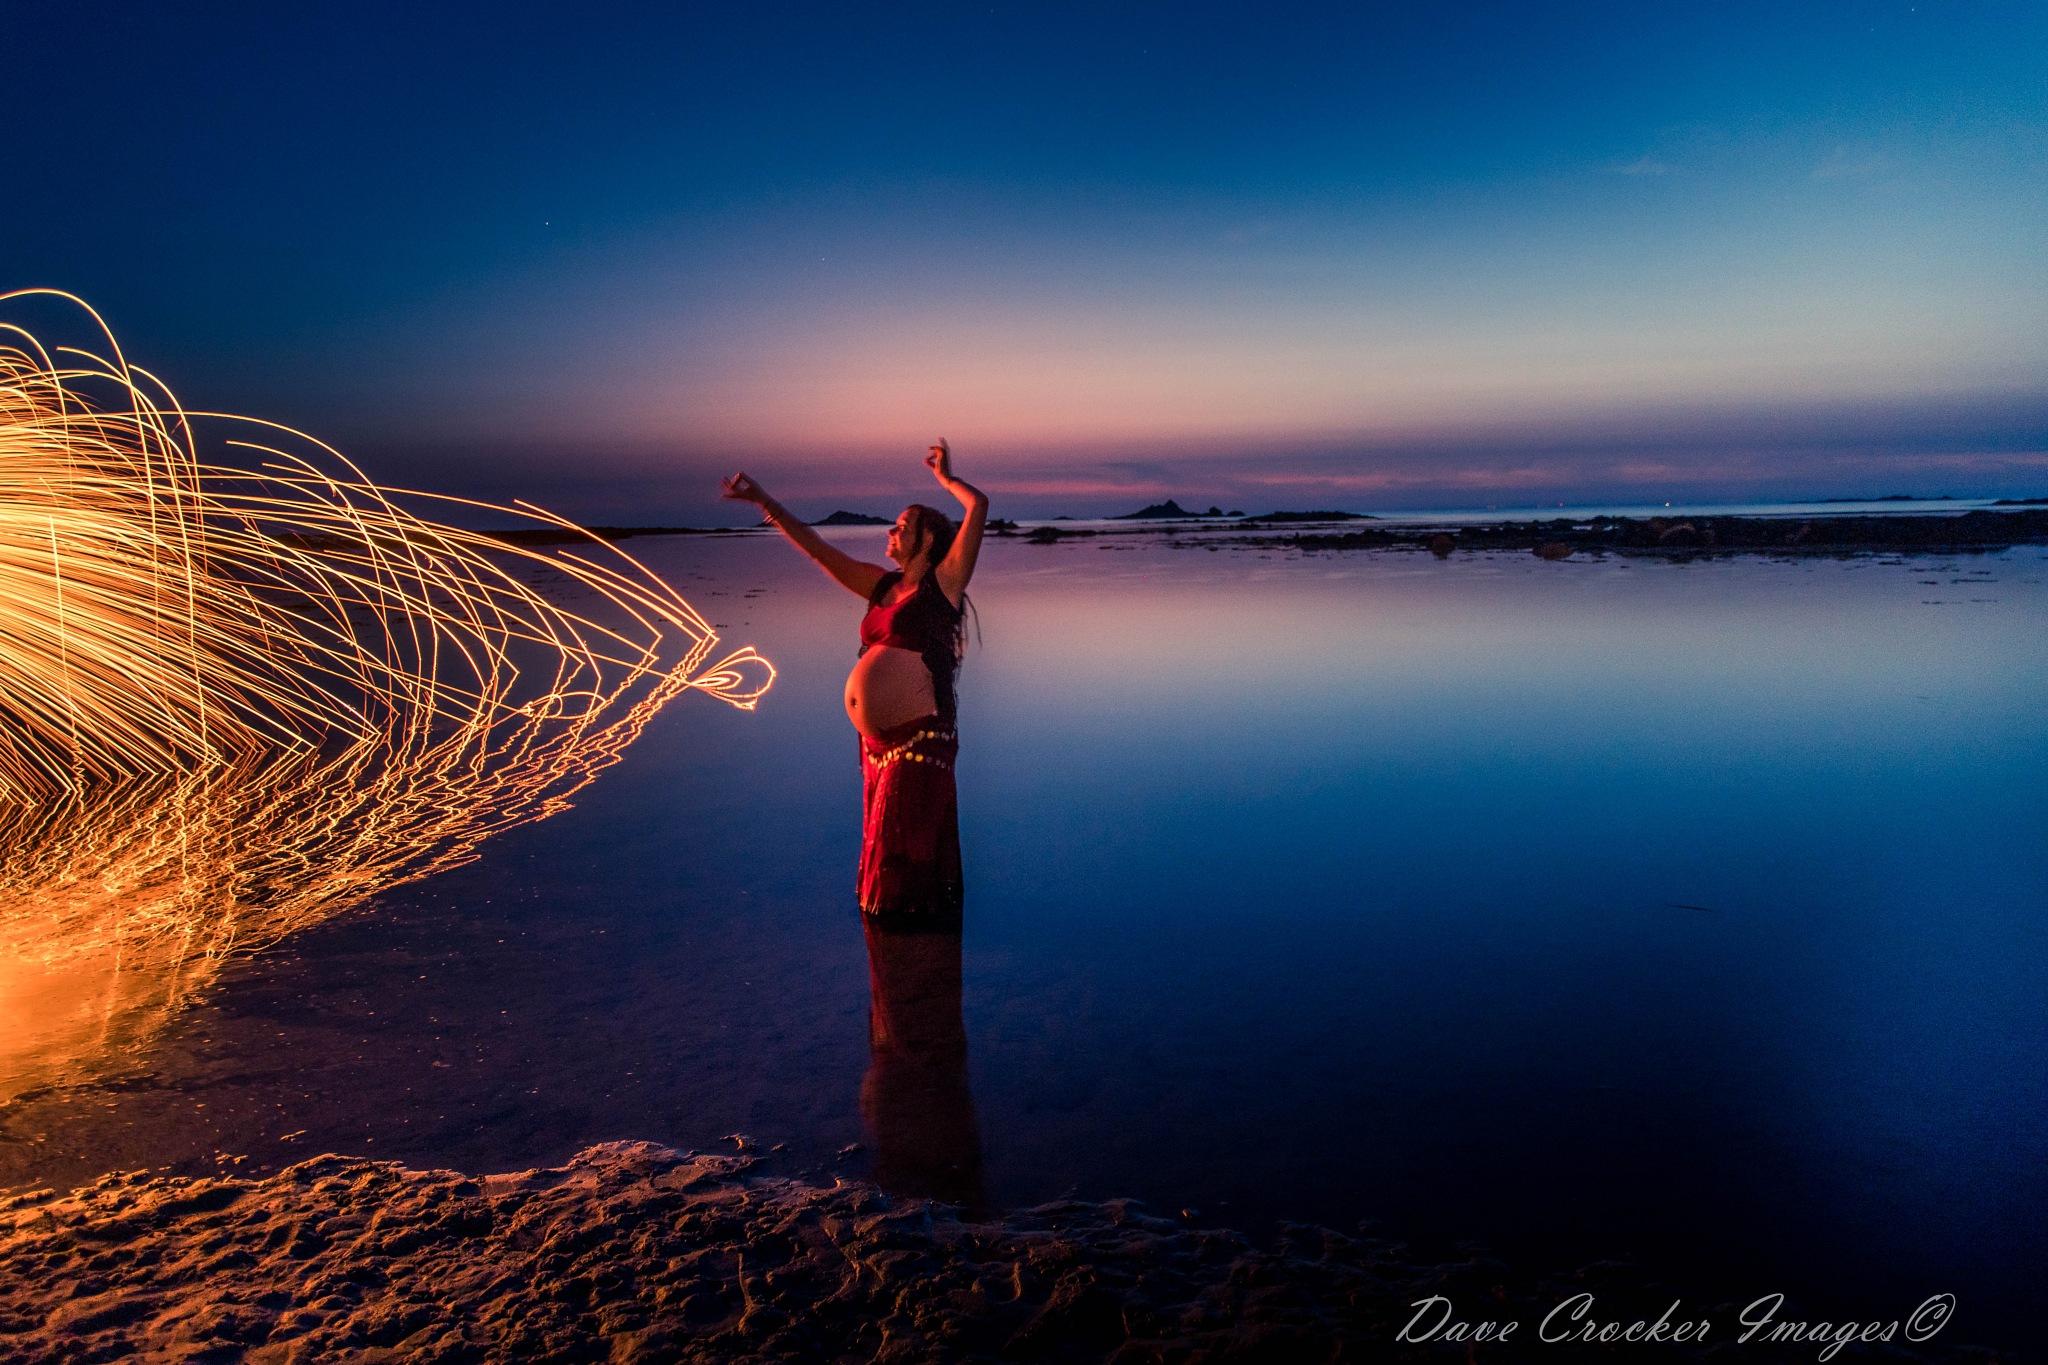 Fire & Water by Lightpimp - akadodjer